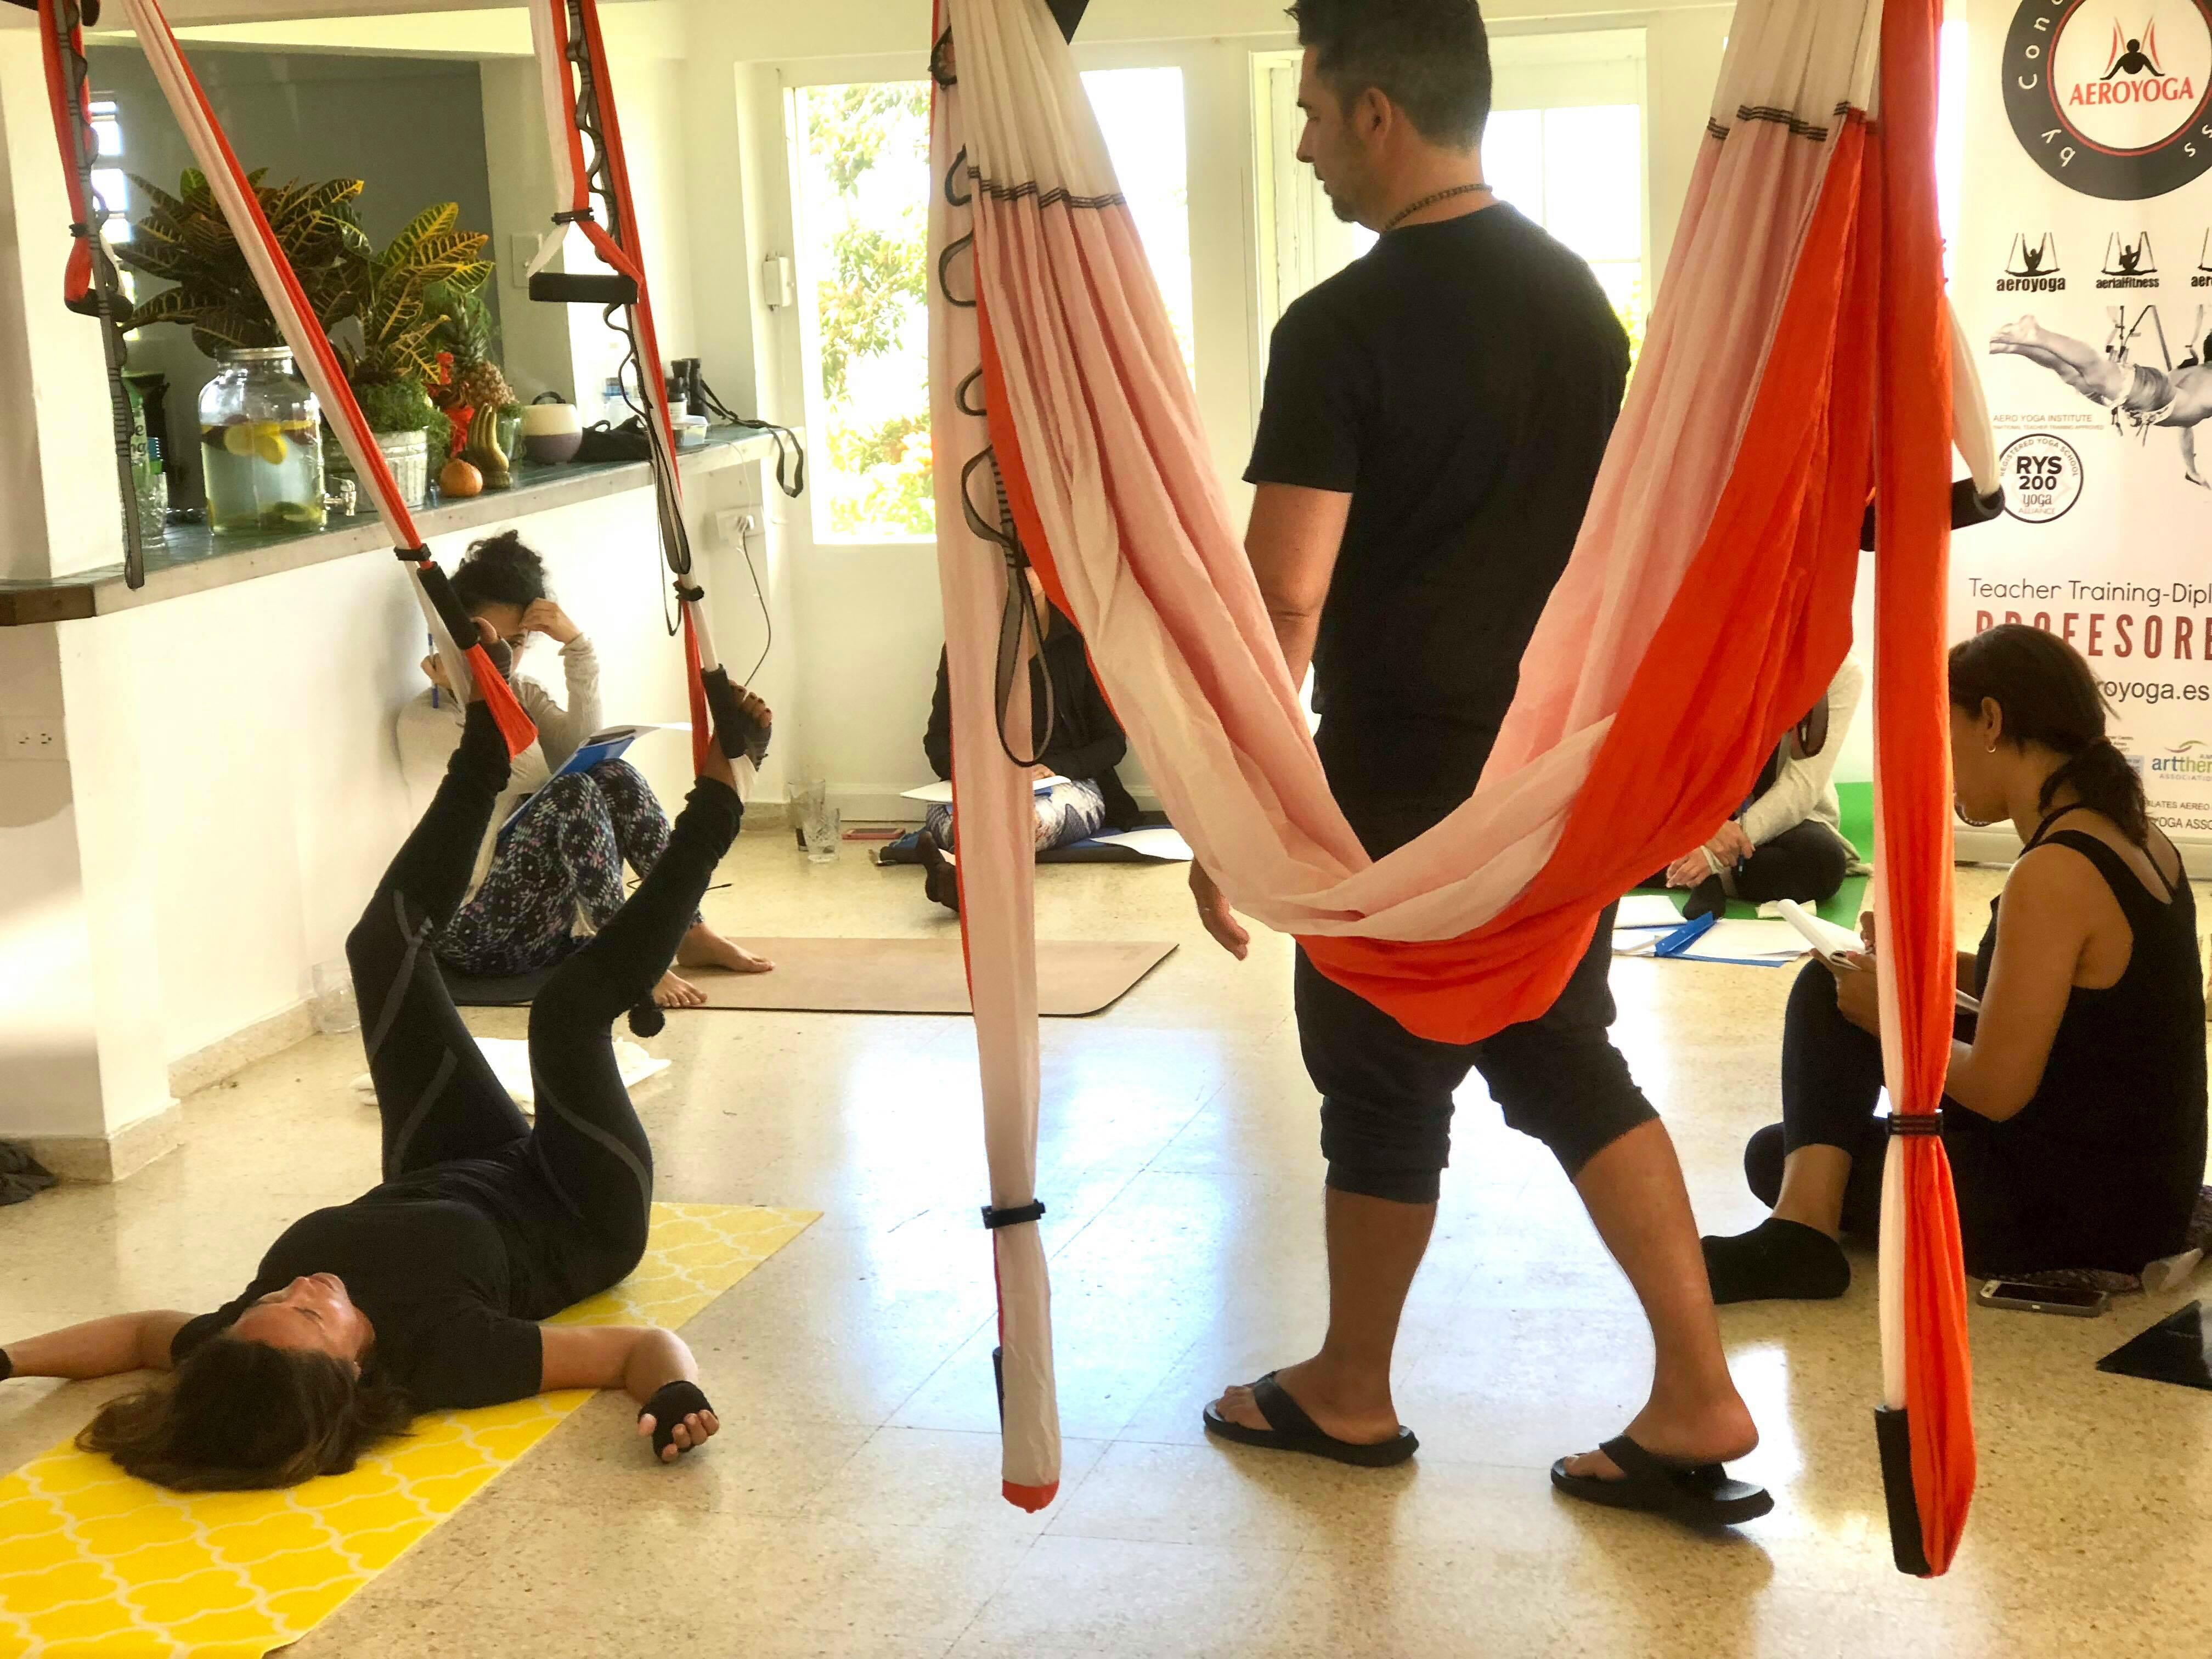 Aerial Yoga Teacher Training, Formación Profesores Puerto Rico!